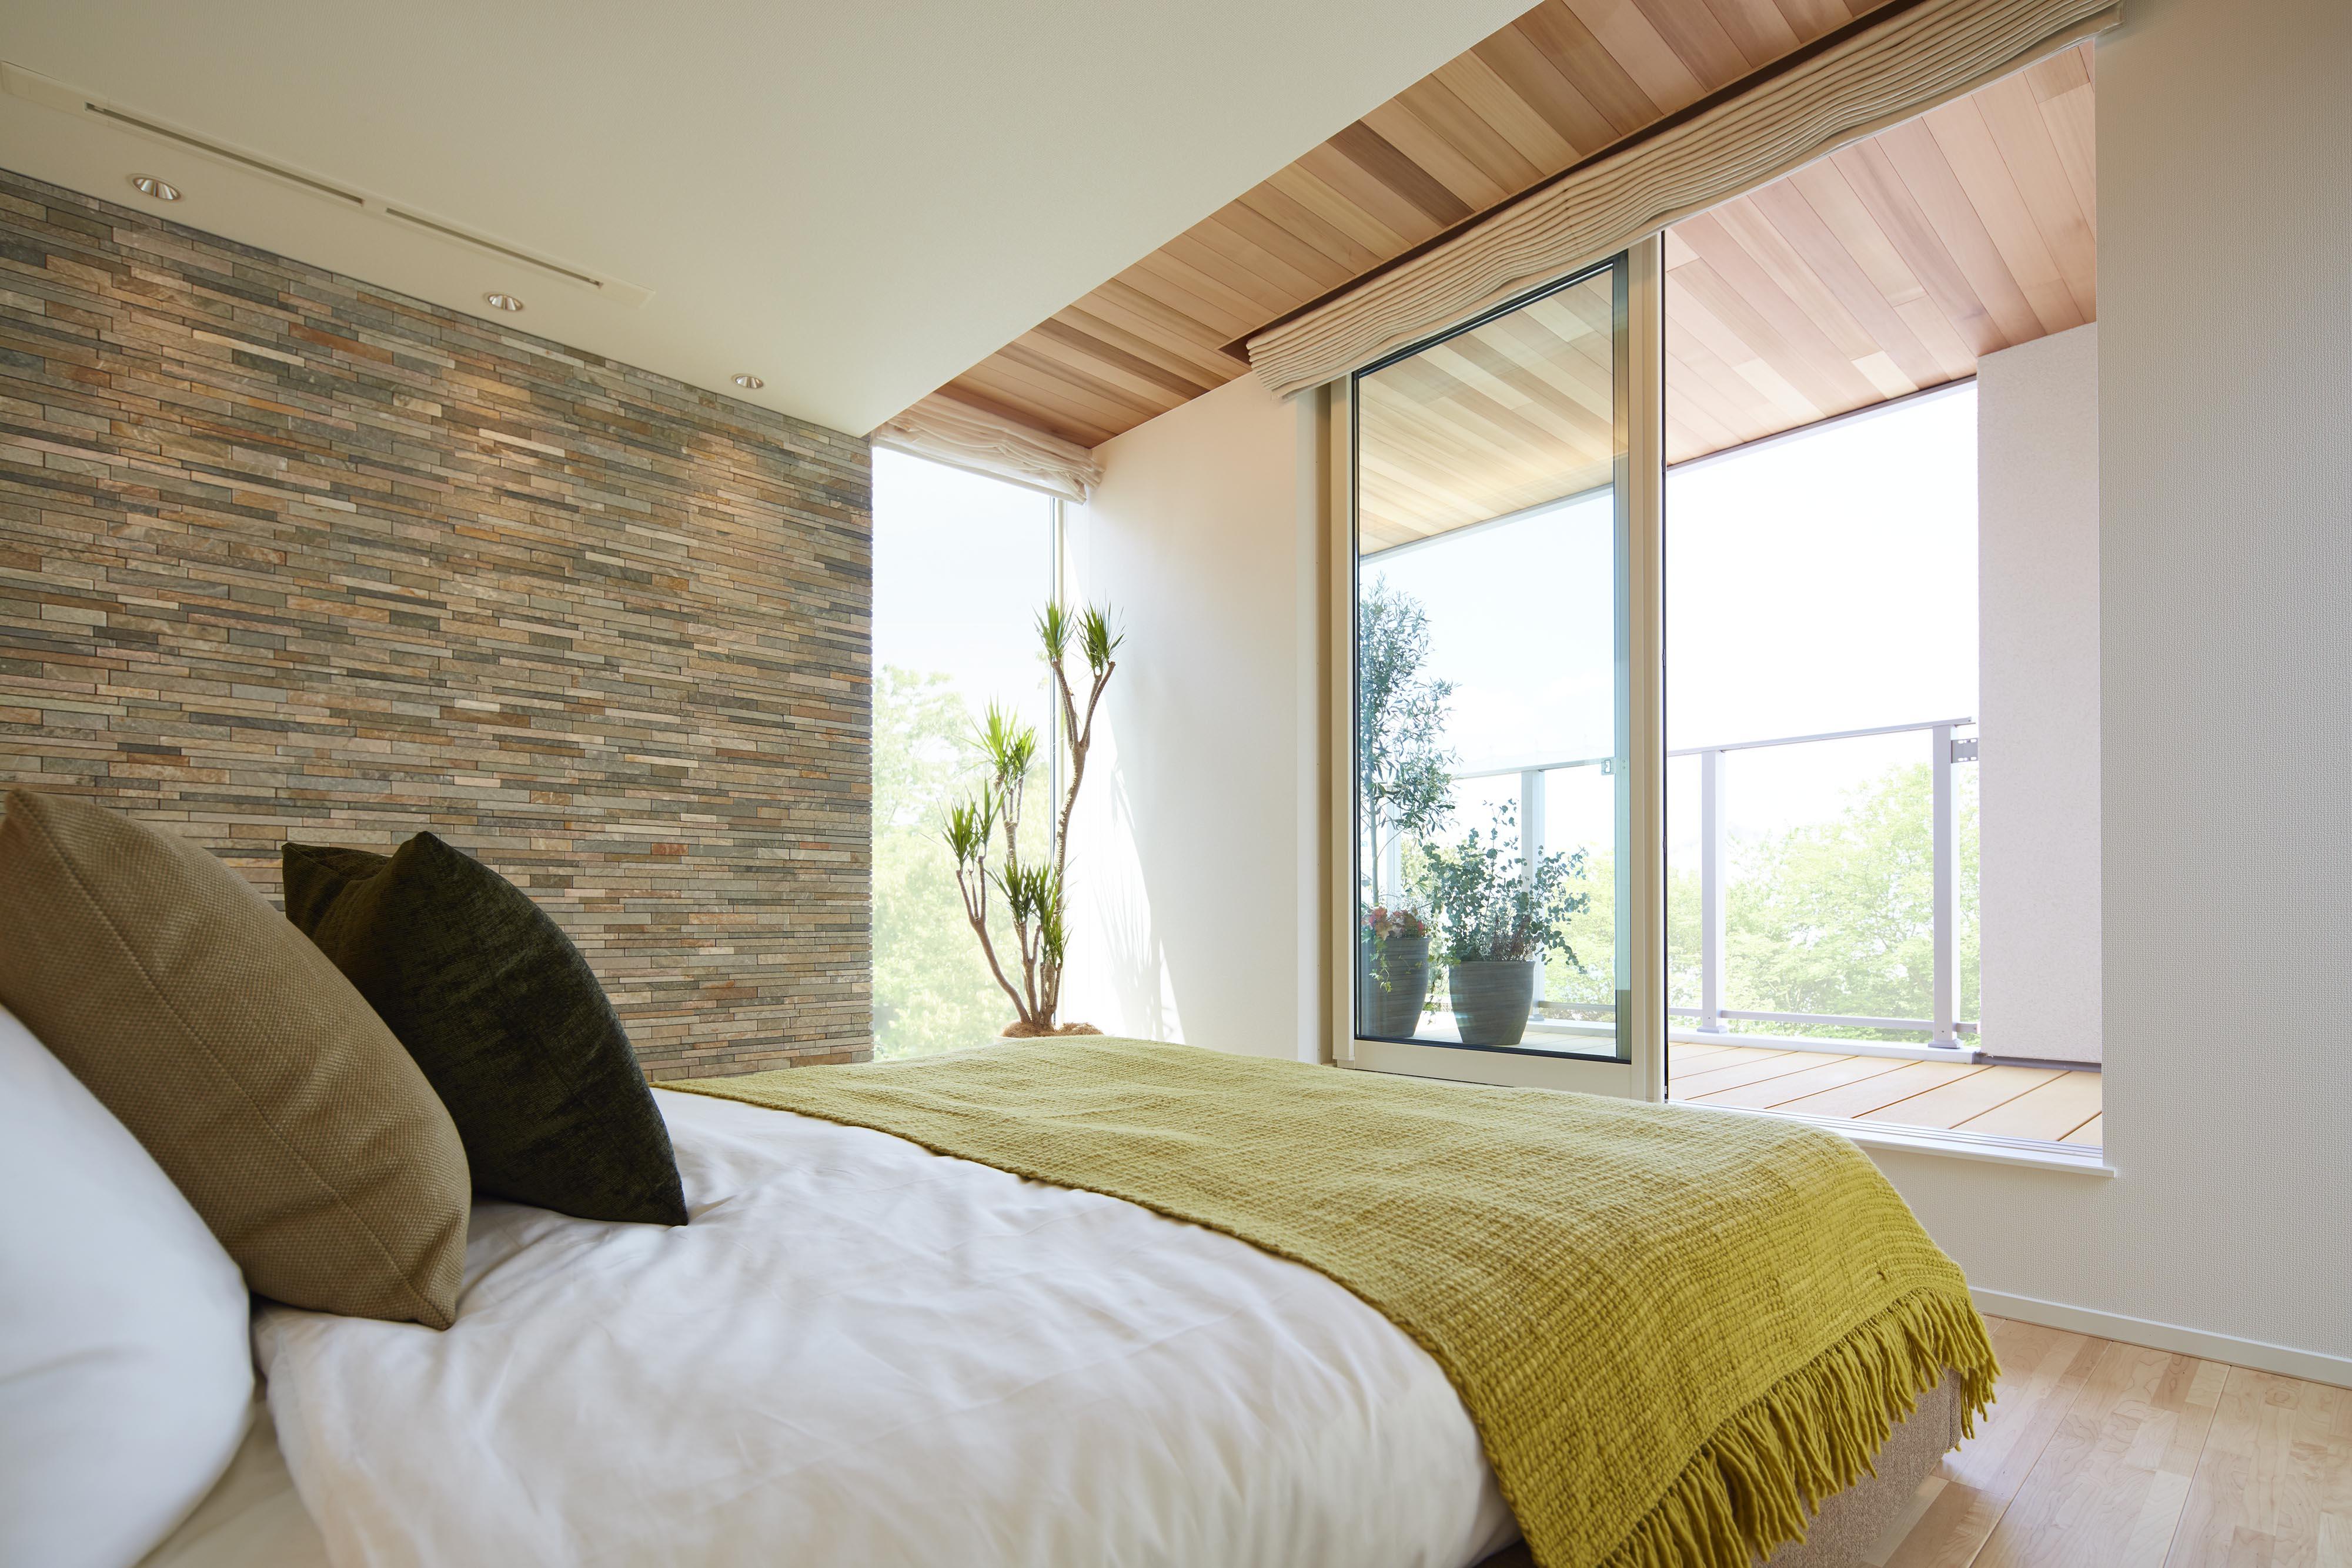 インナーバルコニーで広がりを感じさせながら、プライベート感も大切にした主寝室。